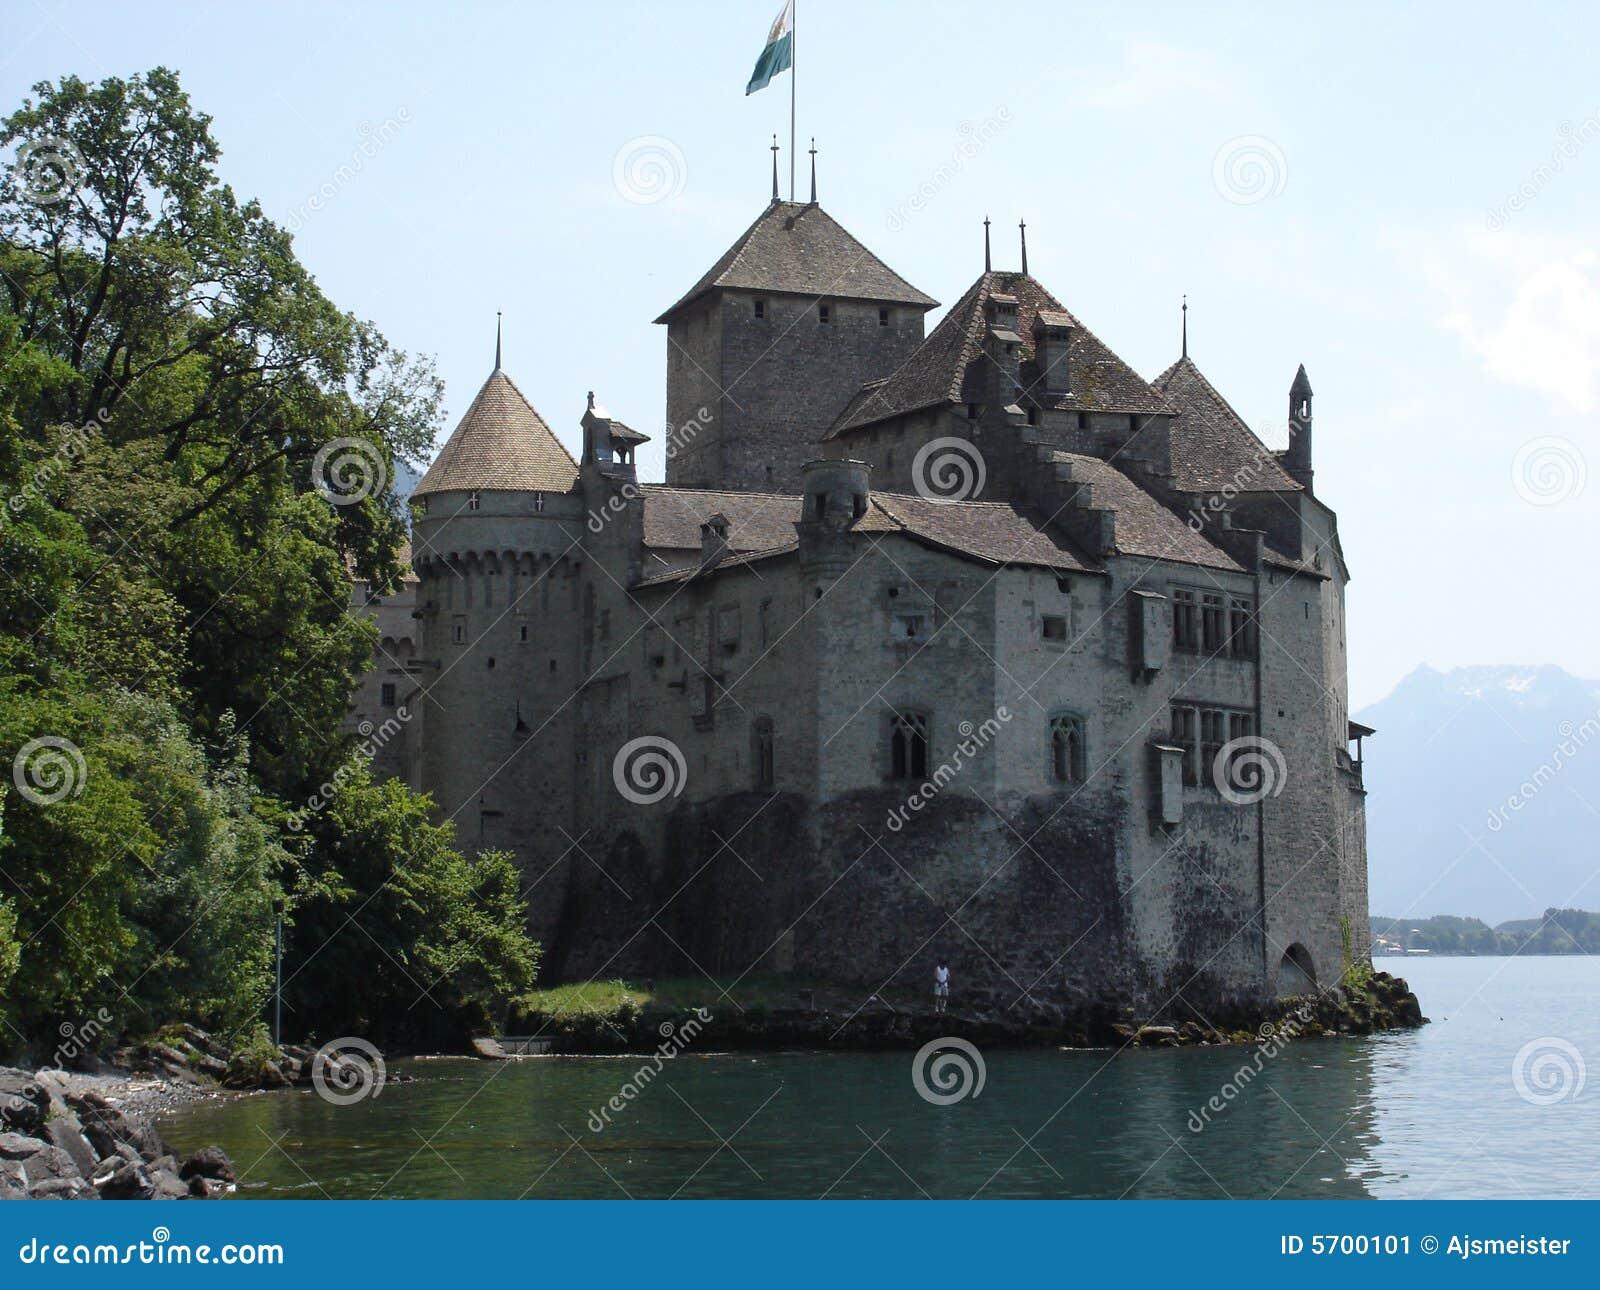 Castillo de Chillon en Montreau, Suiza